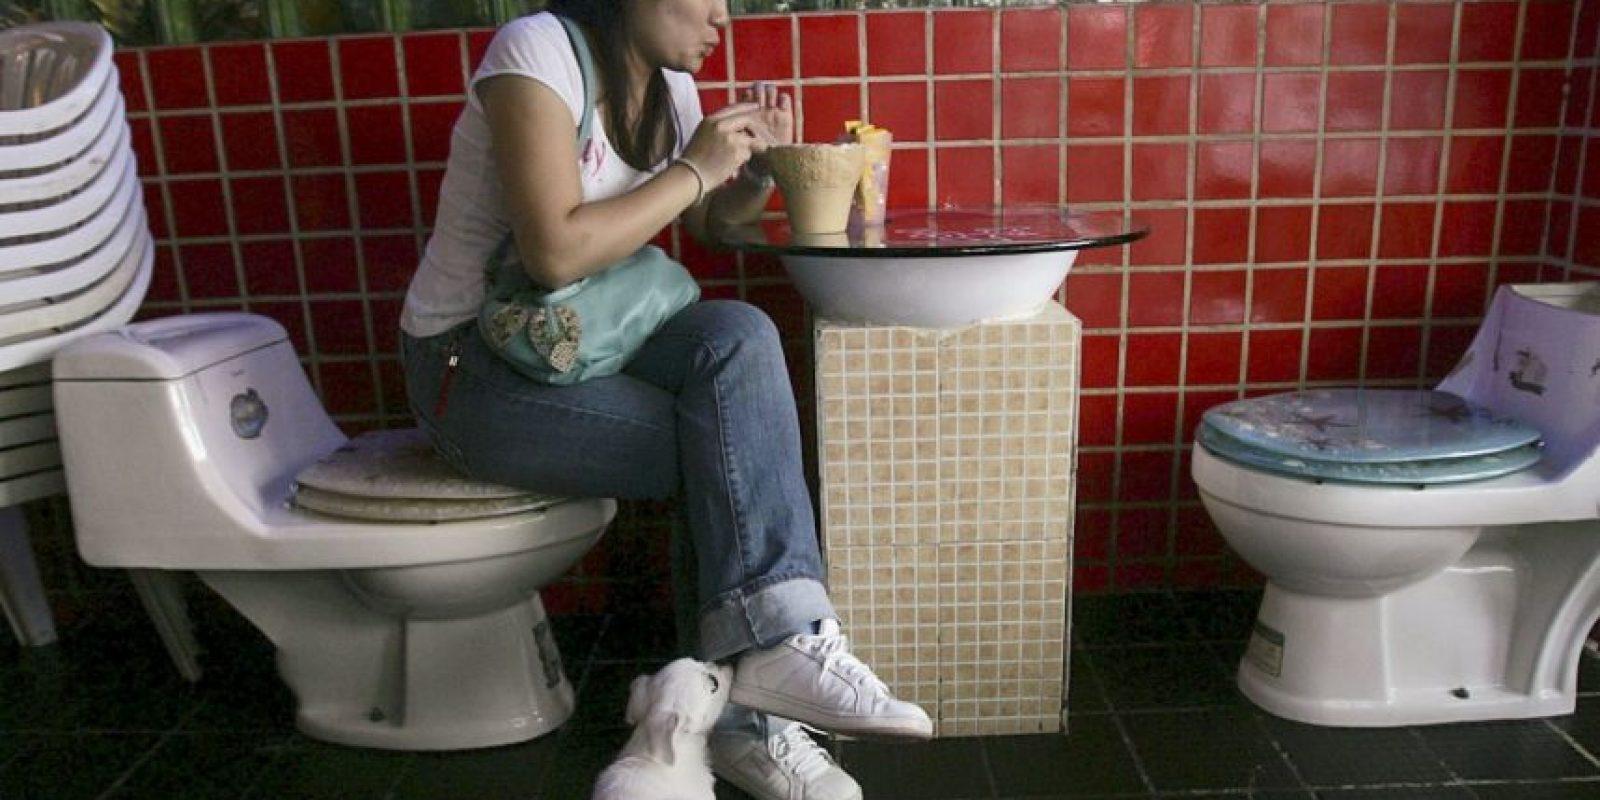 La defecación al aire libre en realidad sigue aumentando entre el segmento más pobre de la población. Foto:Getty Images